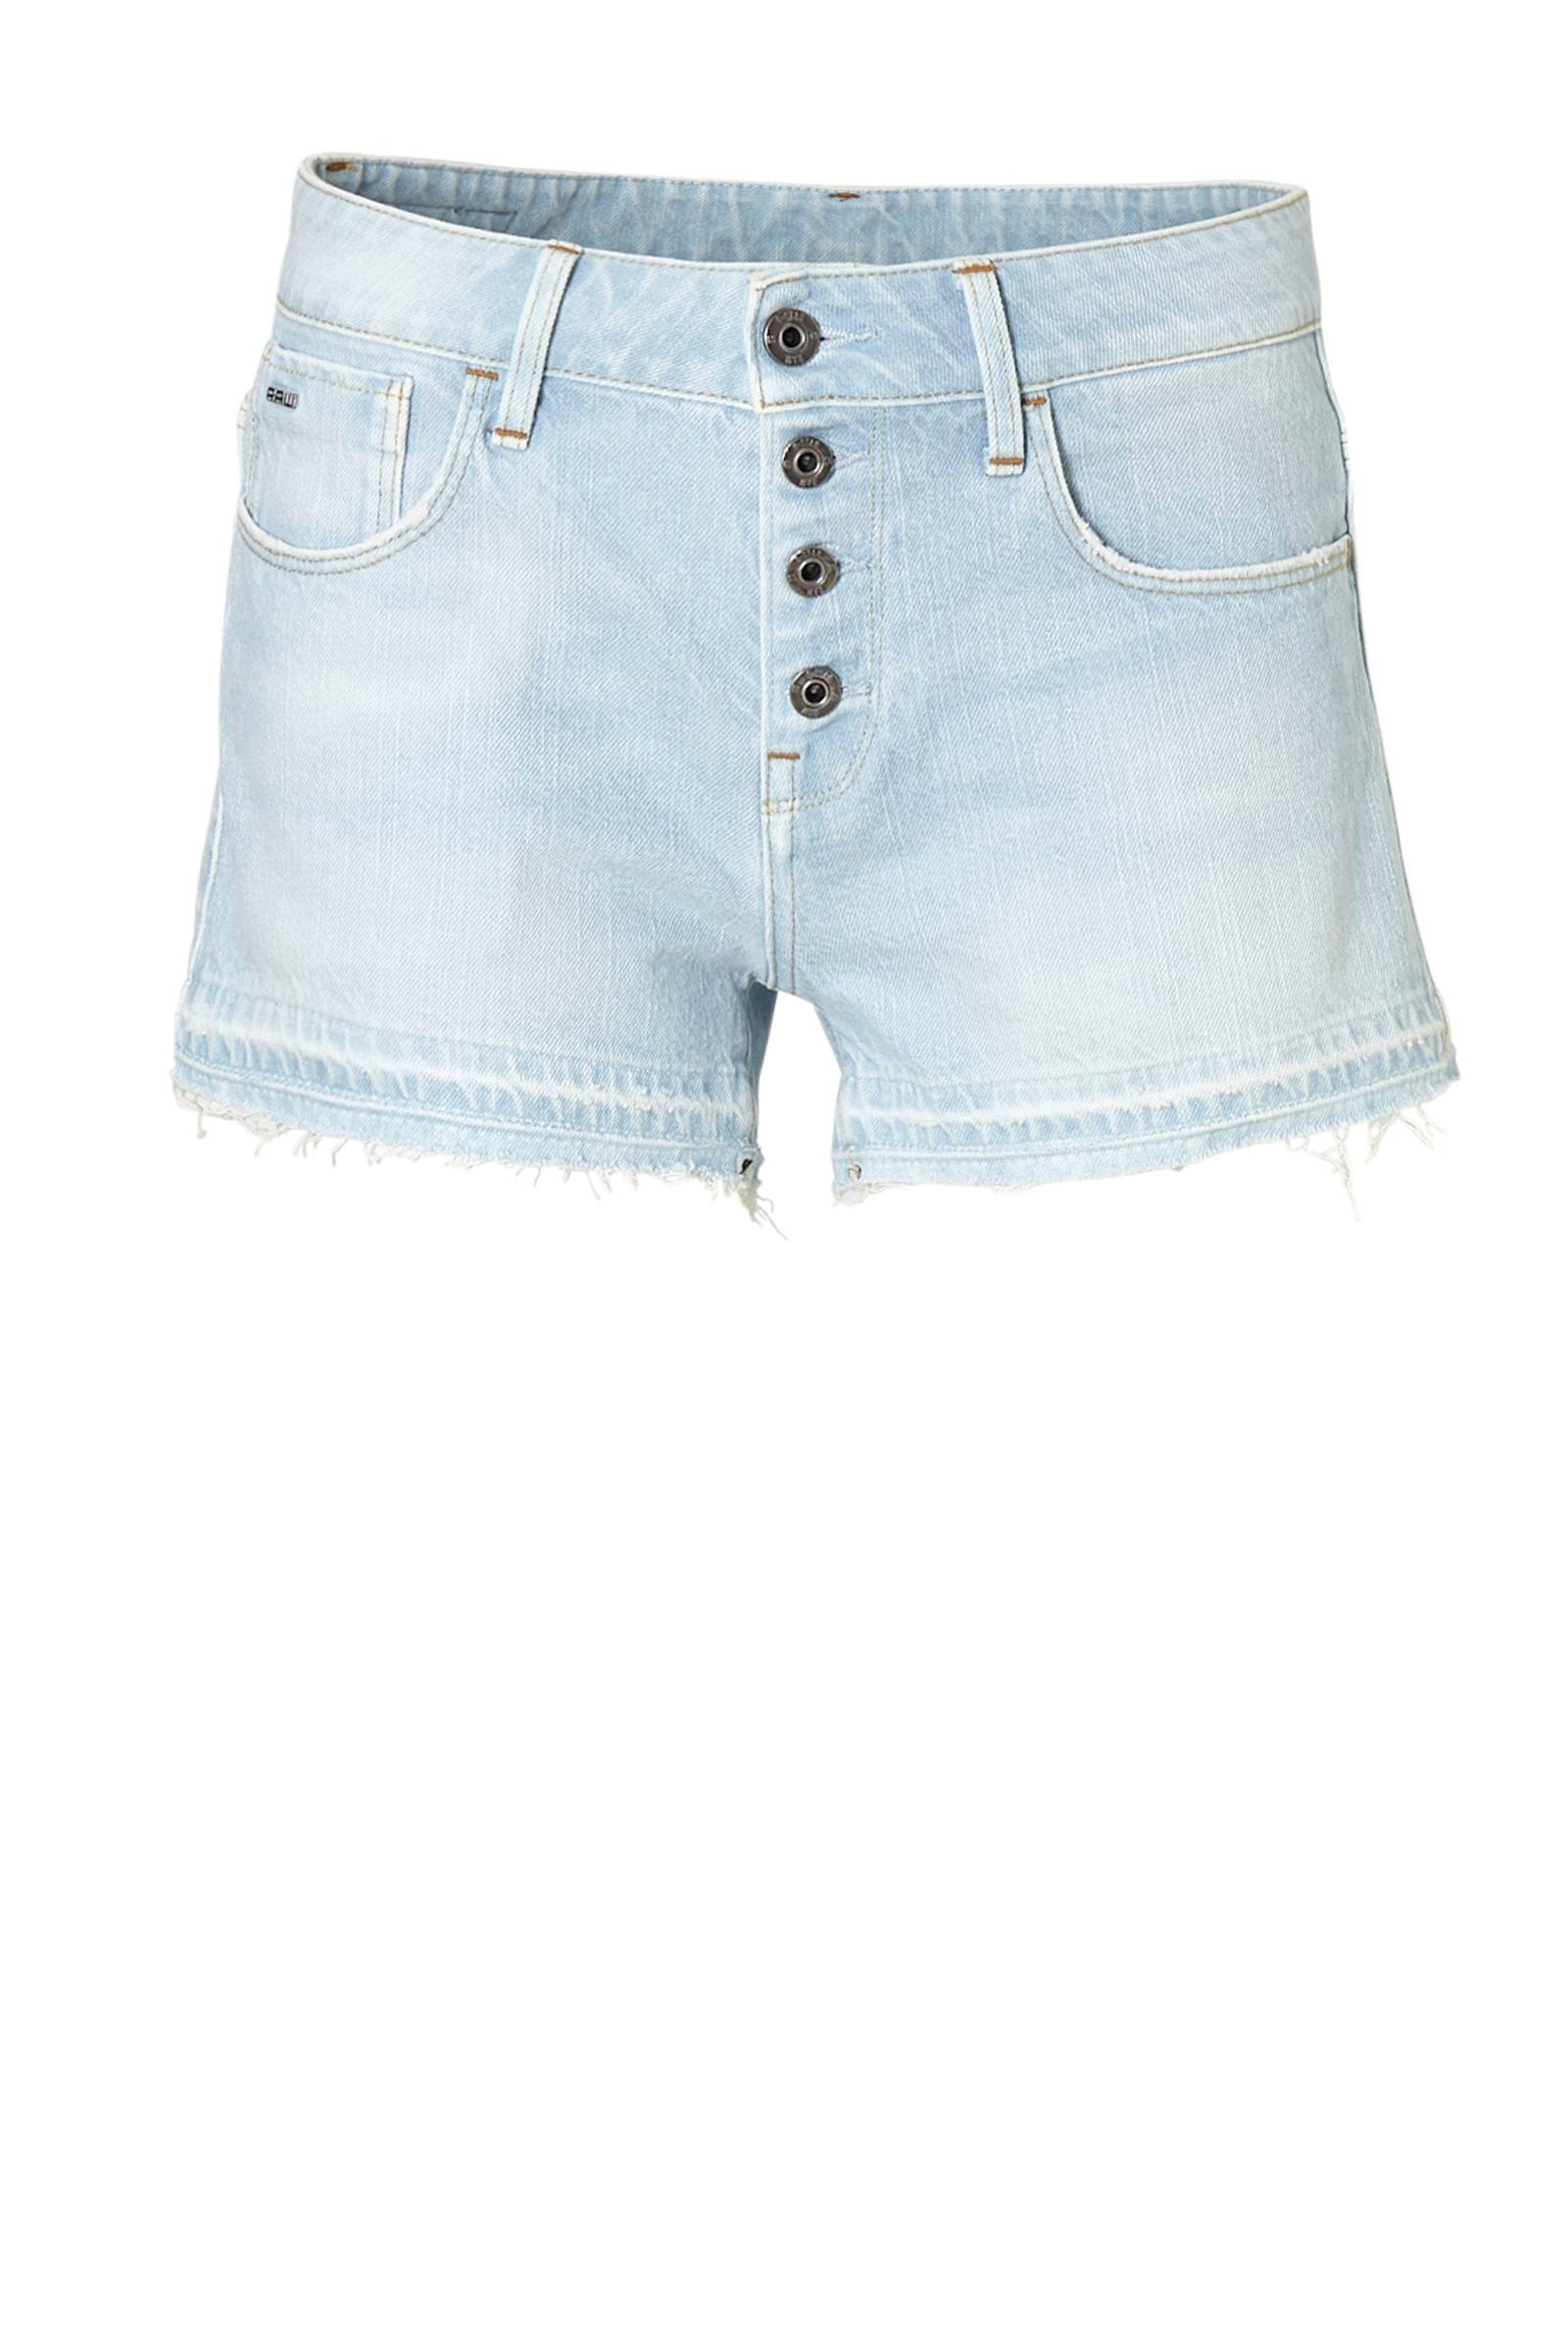 Wehkamp Dames Korte Broek.Dames Shorts Bij Gratis 20 Jeans Vanaf Bezorging Wehkamp Drcxeob